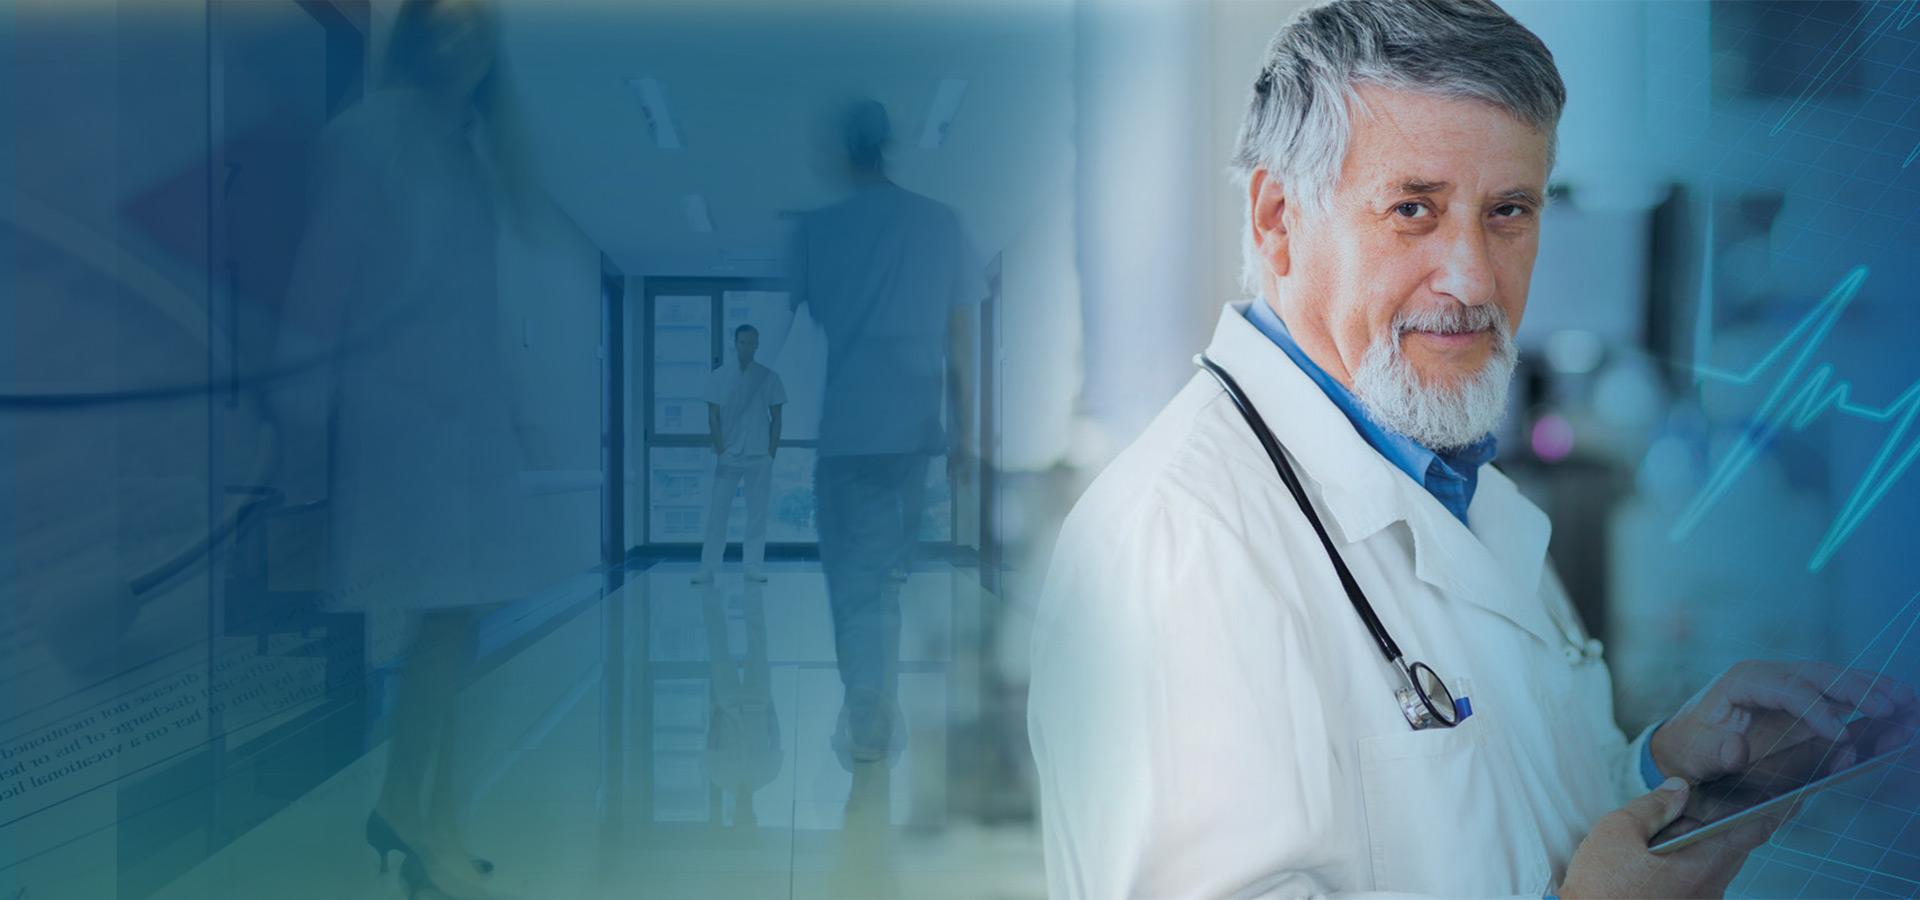 pažangių sistemų medicinos įranga prekyba šardža)